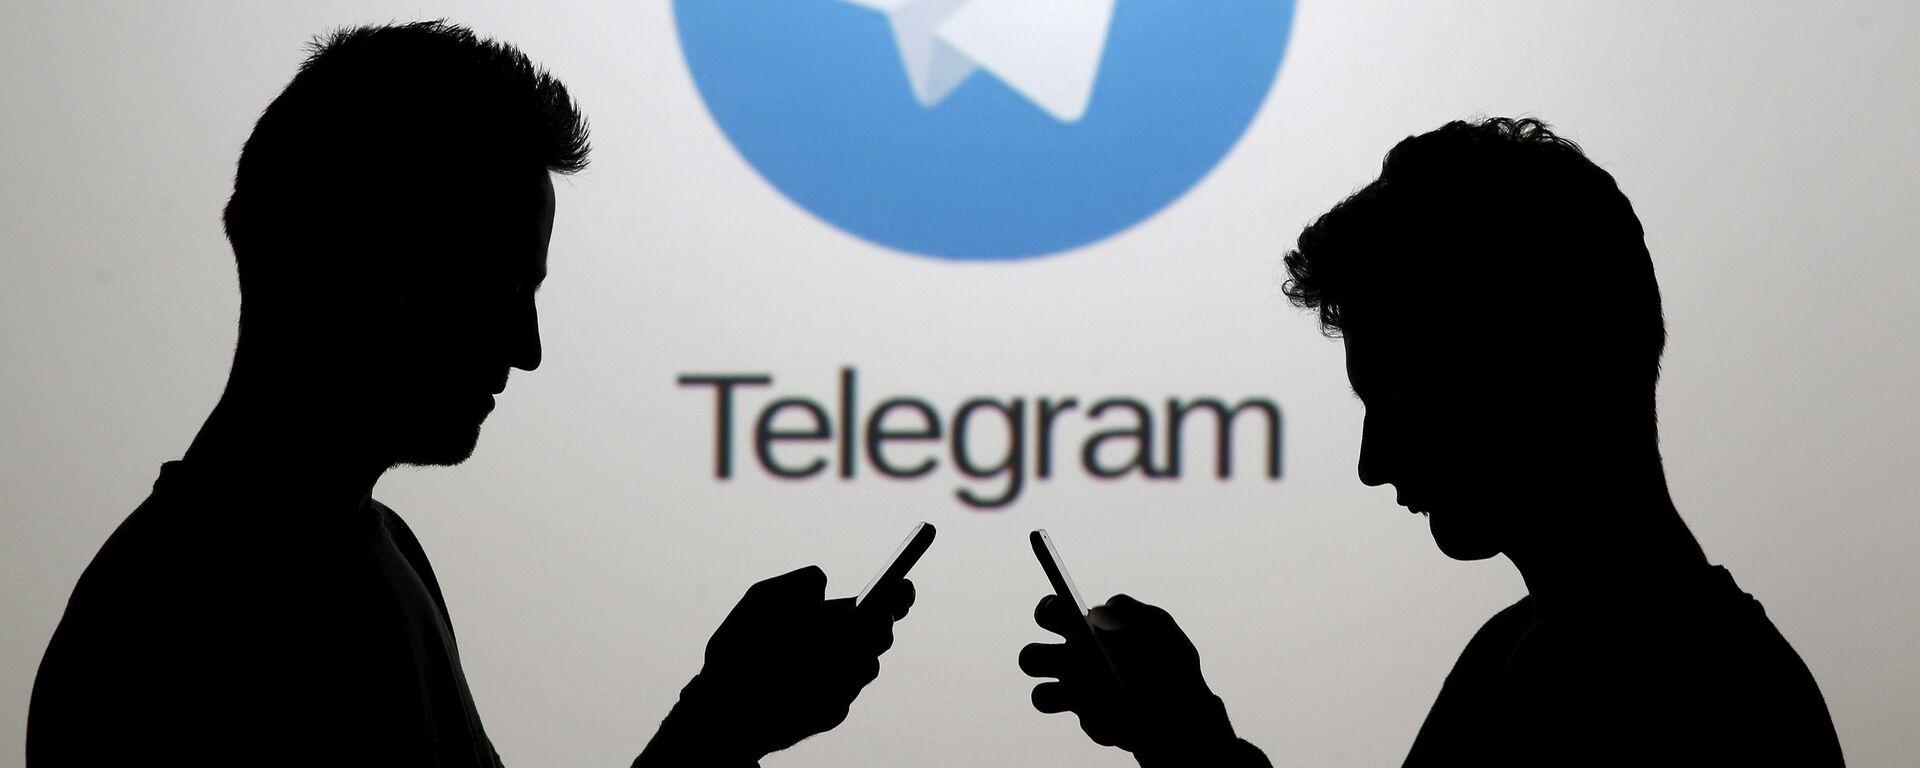 Telegram - Sputnik Mundo, 1920, 01.09.2021